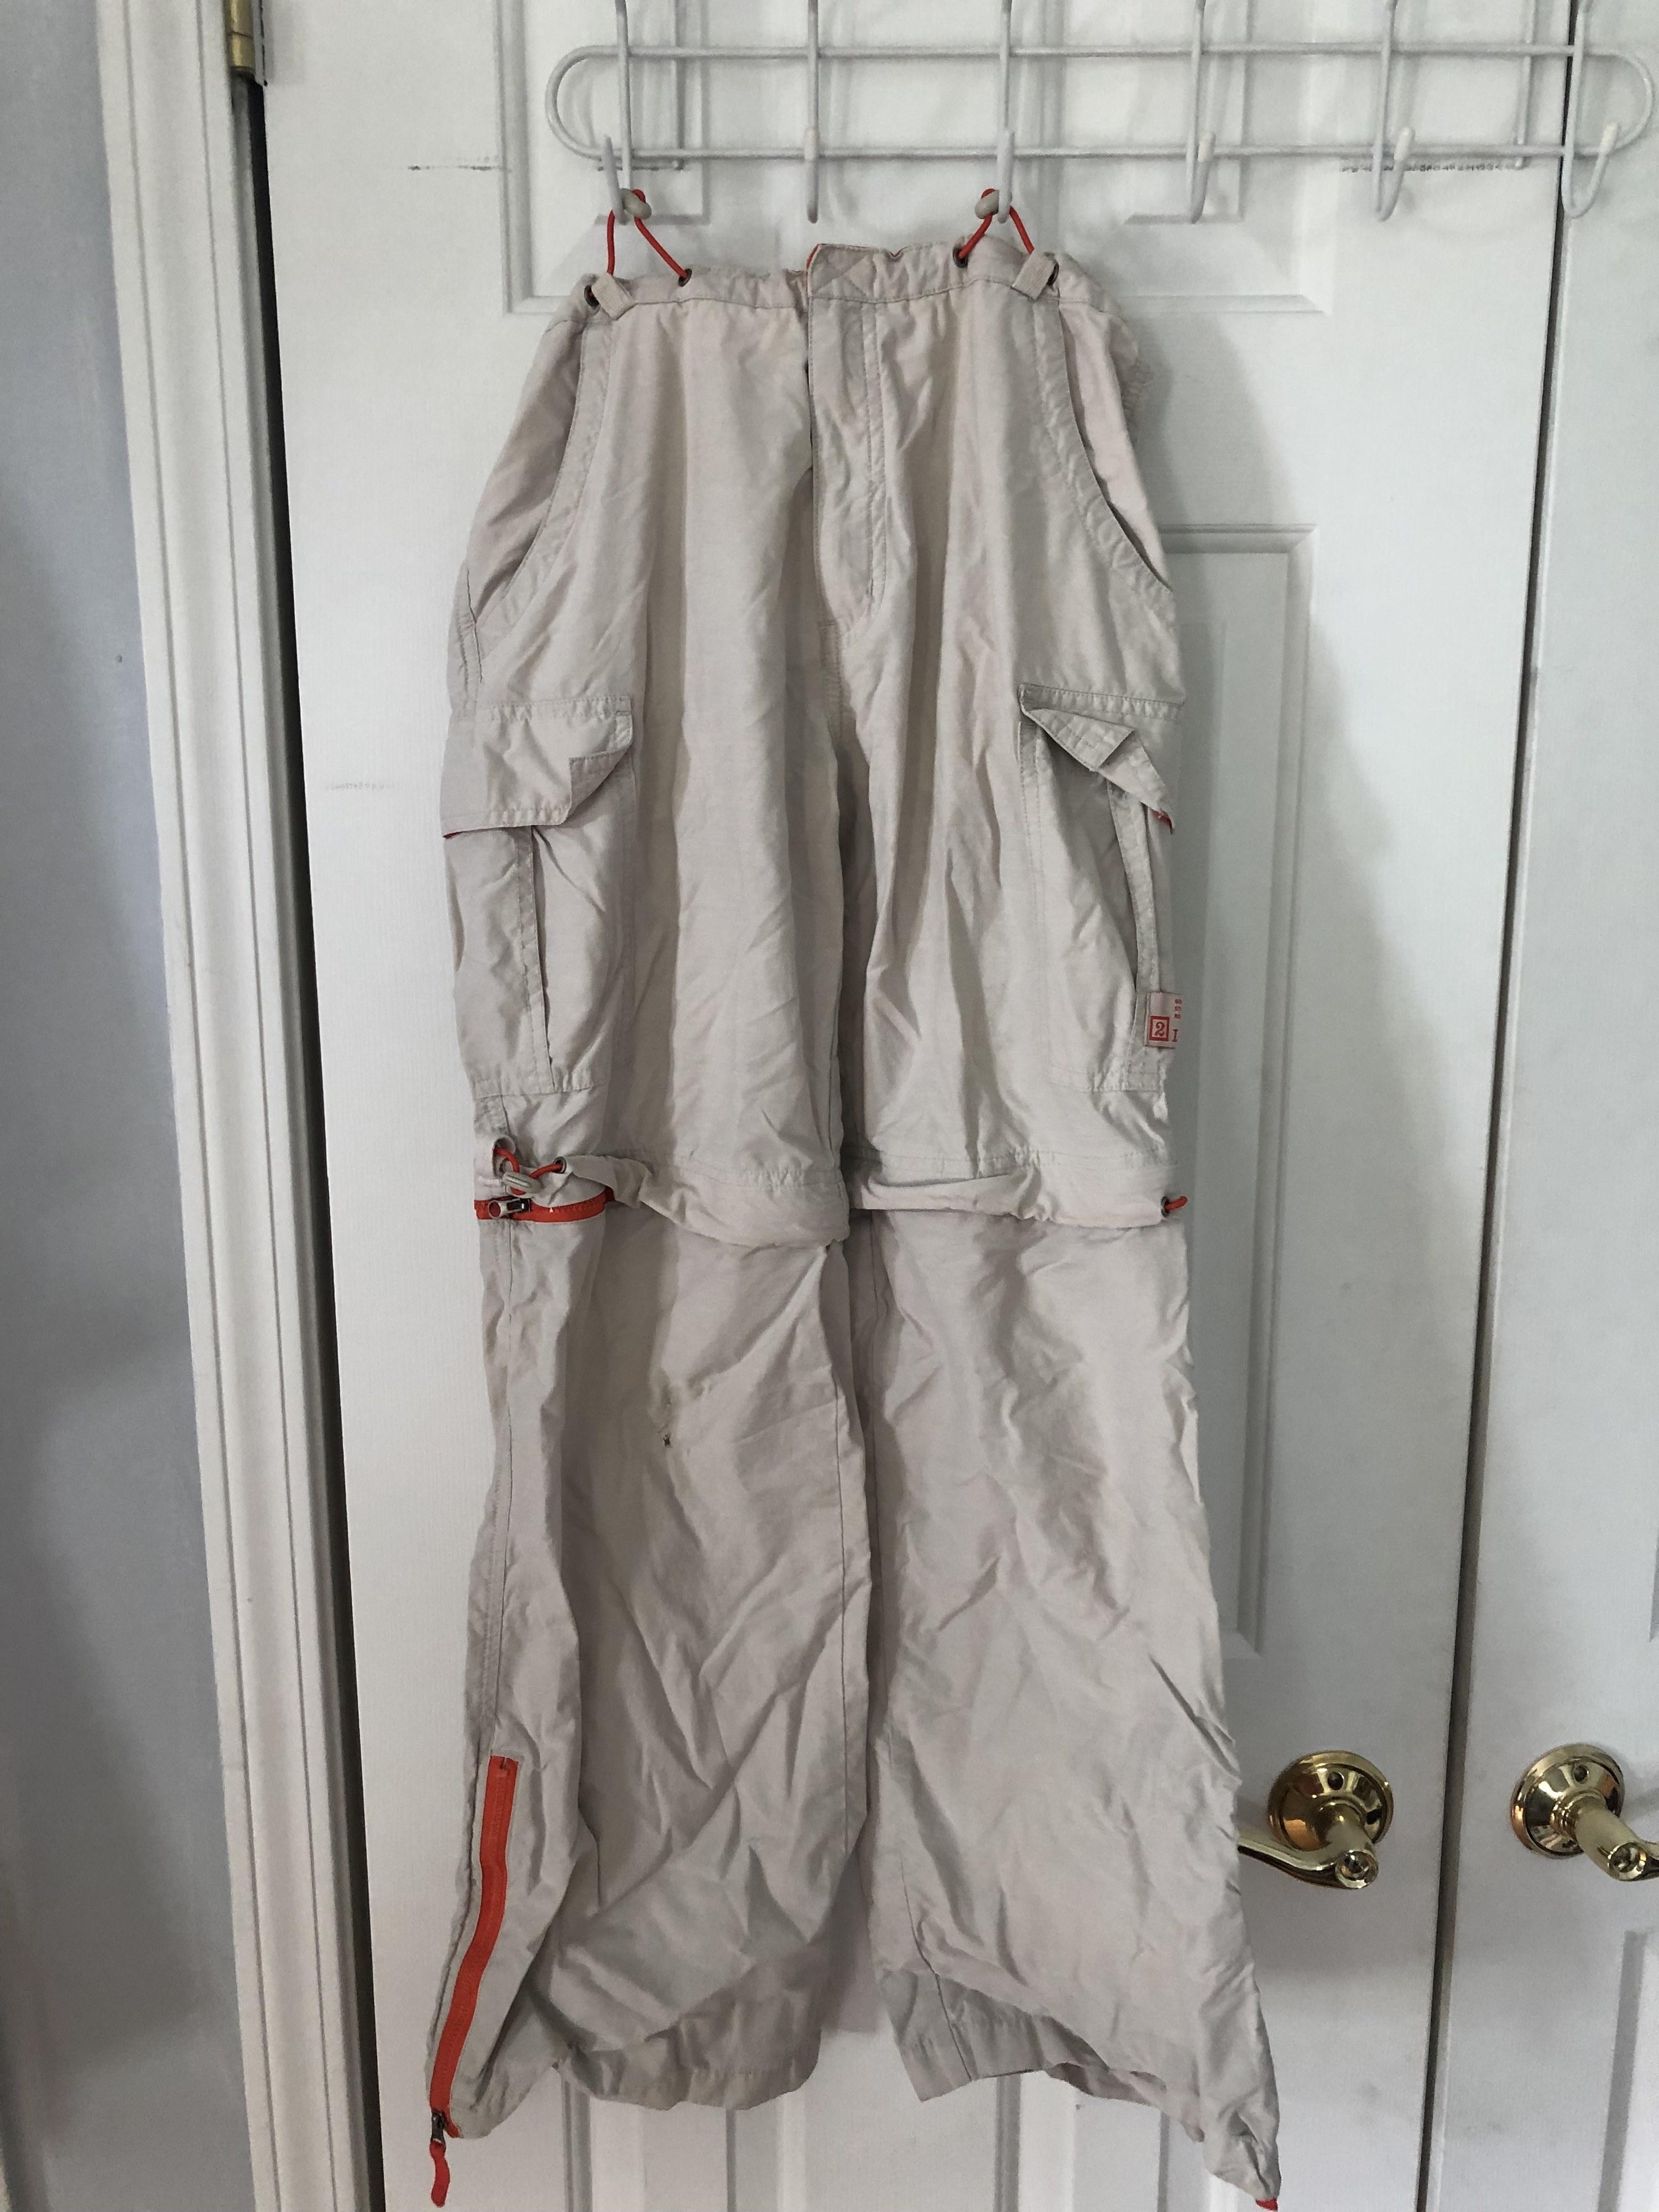 Zip-off pants hanging from a closet door